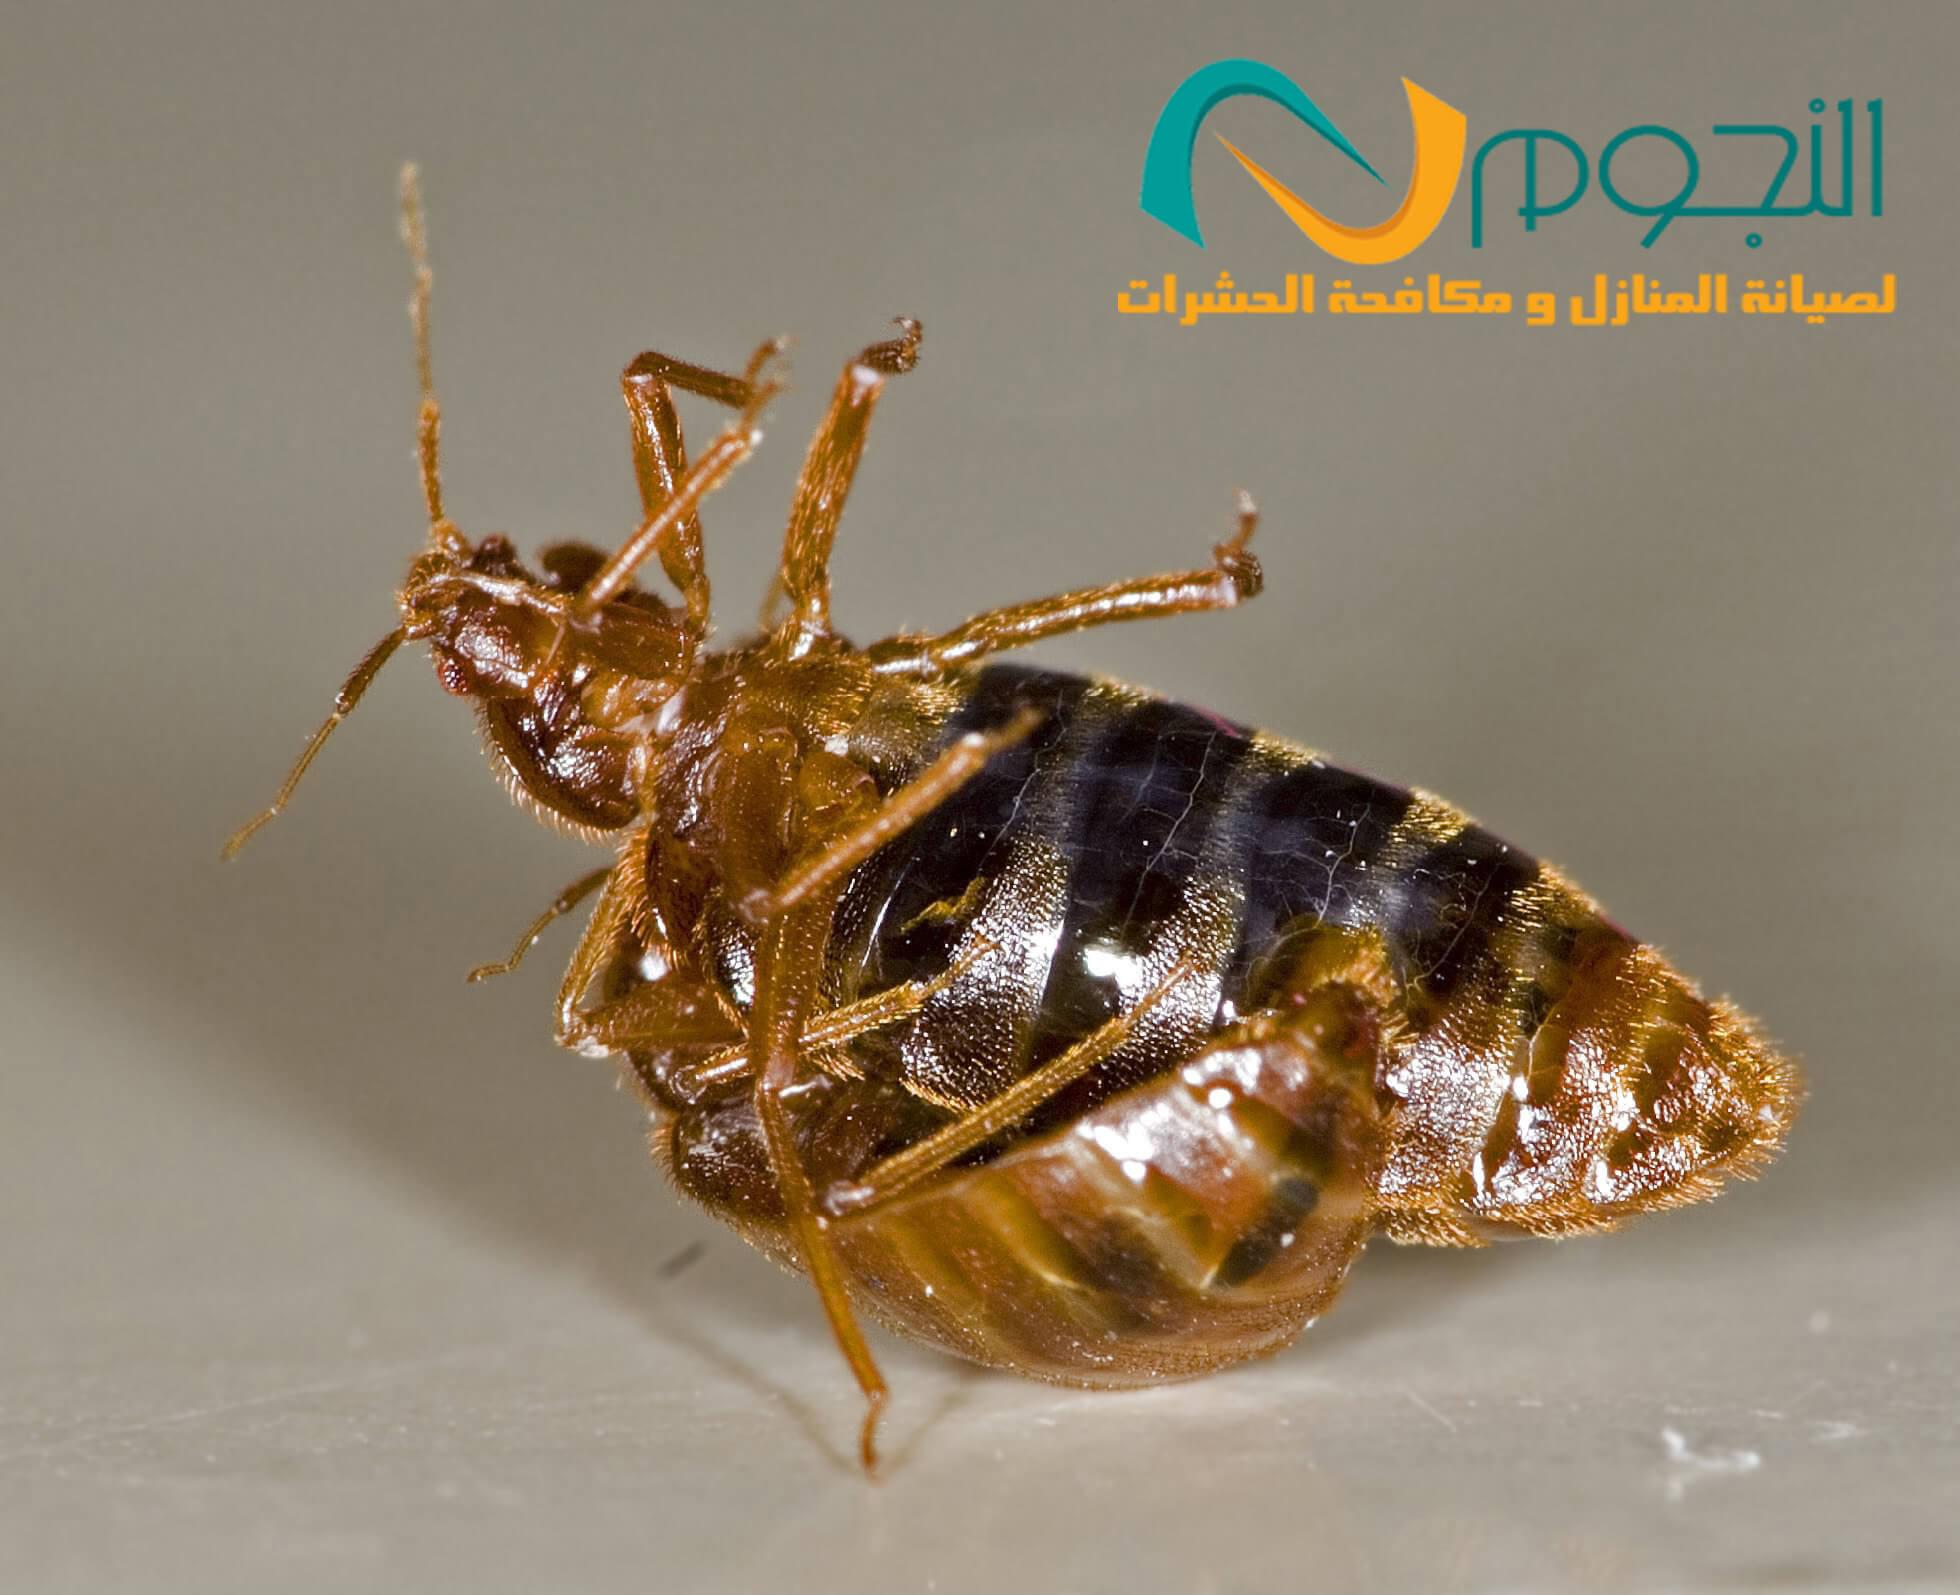 طرق طبيعية للقضاء على الحشرات